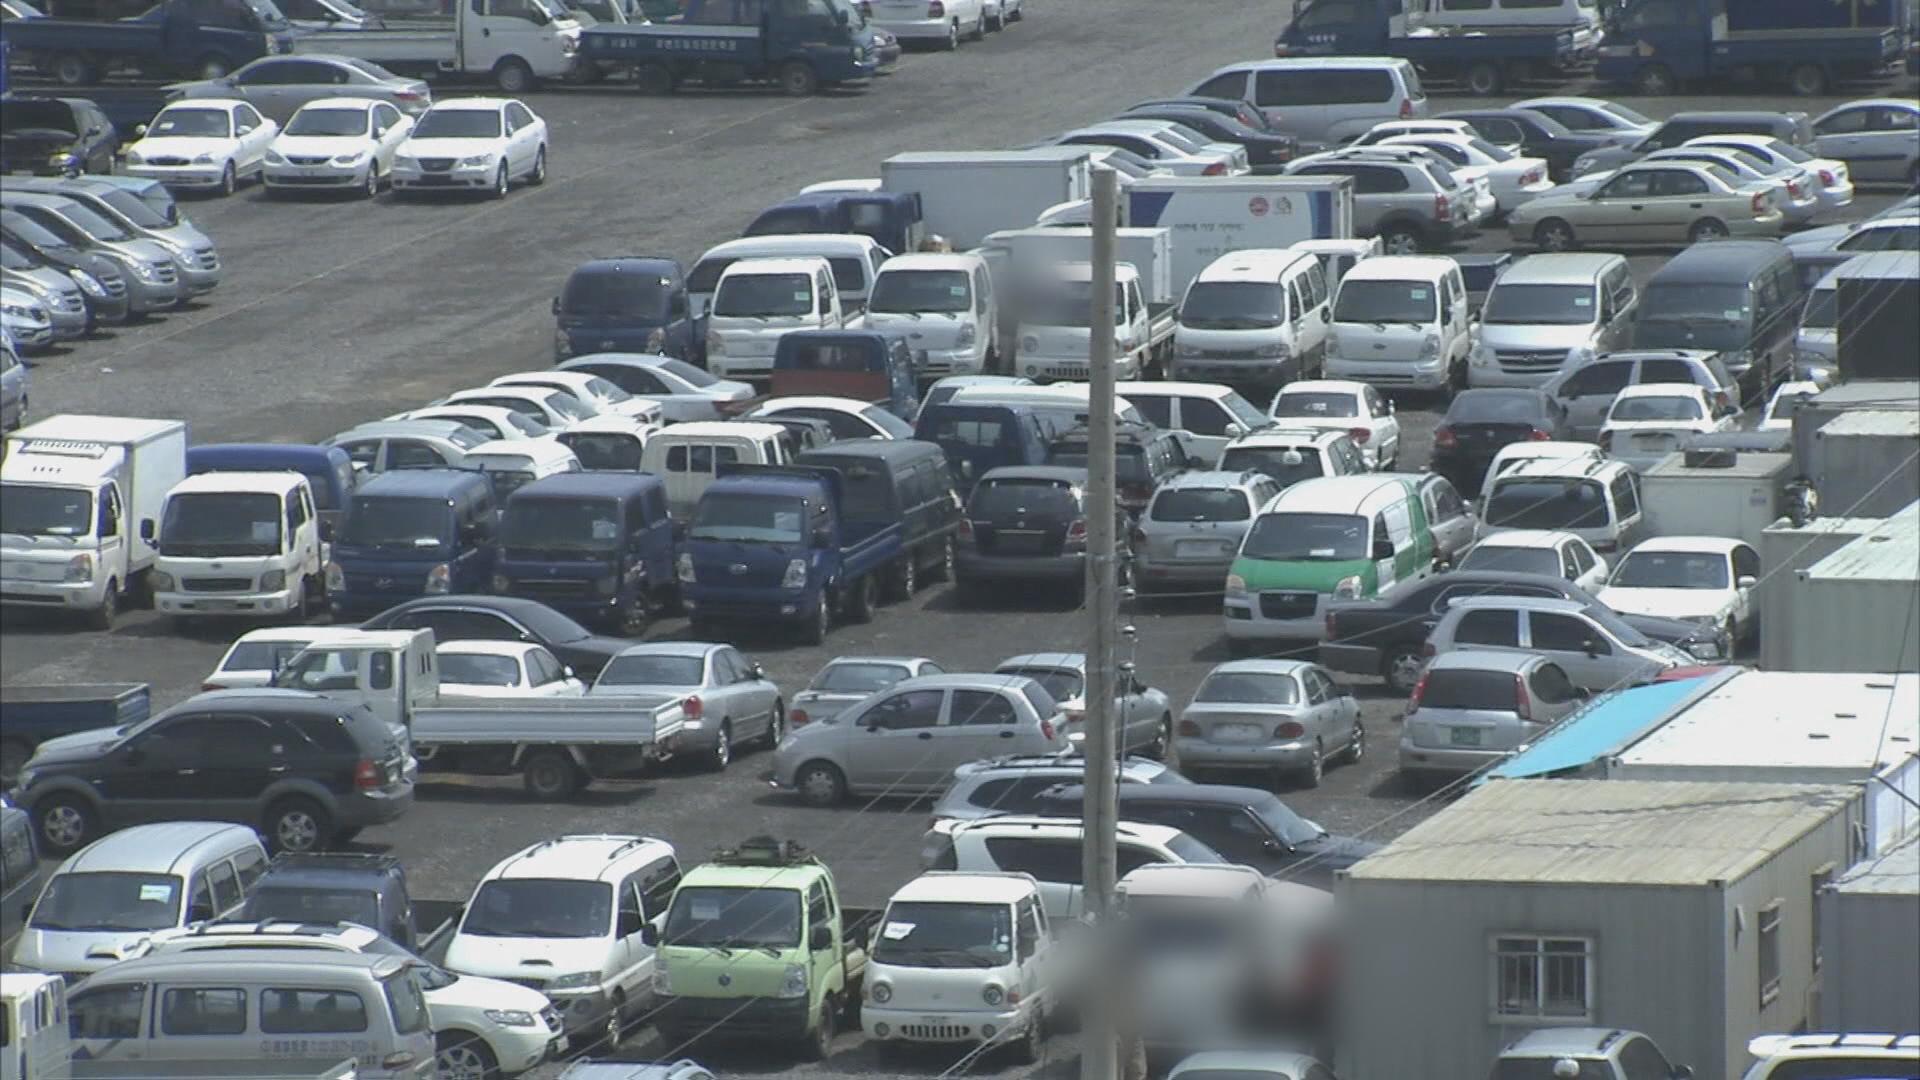 '싸고 좋은 차는 없다' 포털 중고차 사이트 대부분 허위